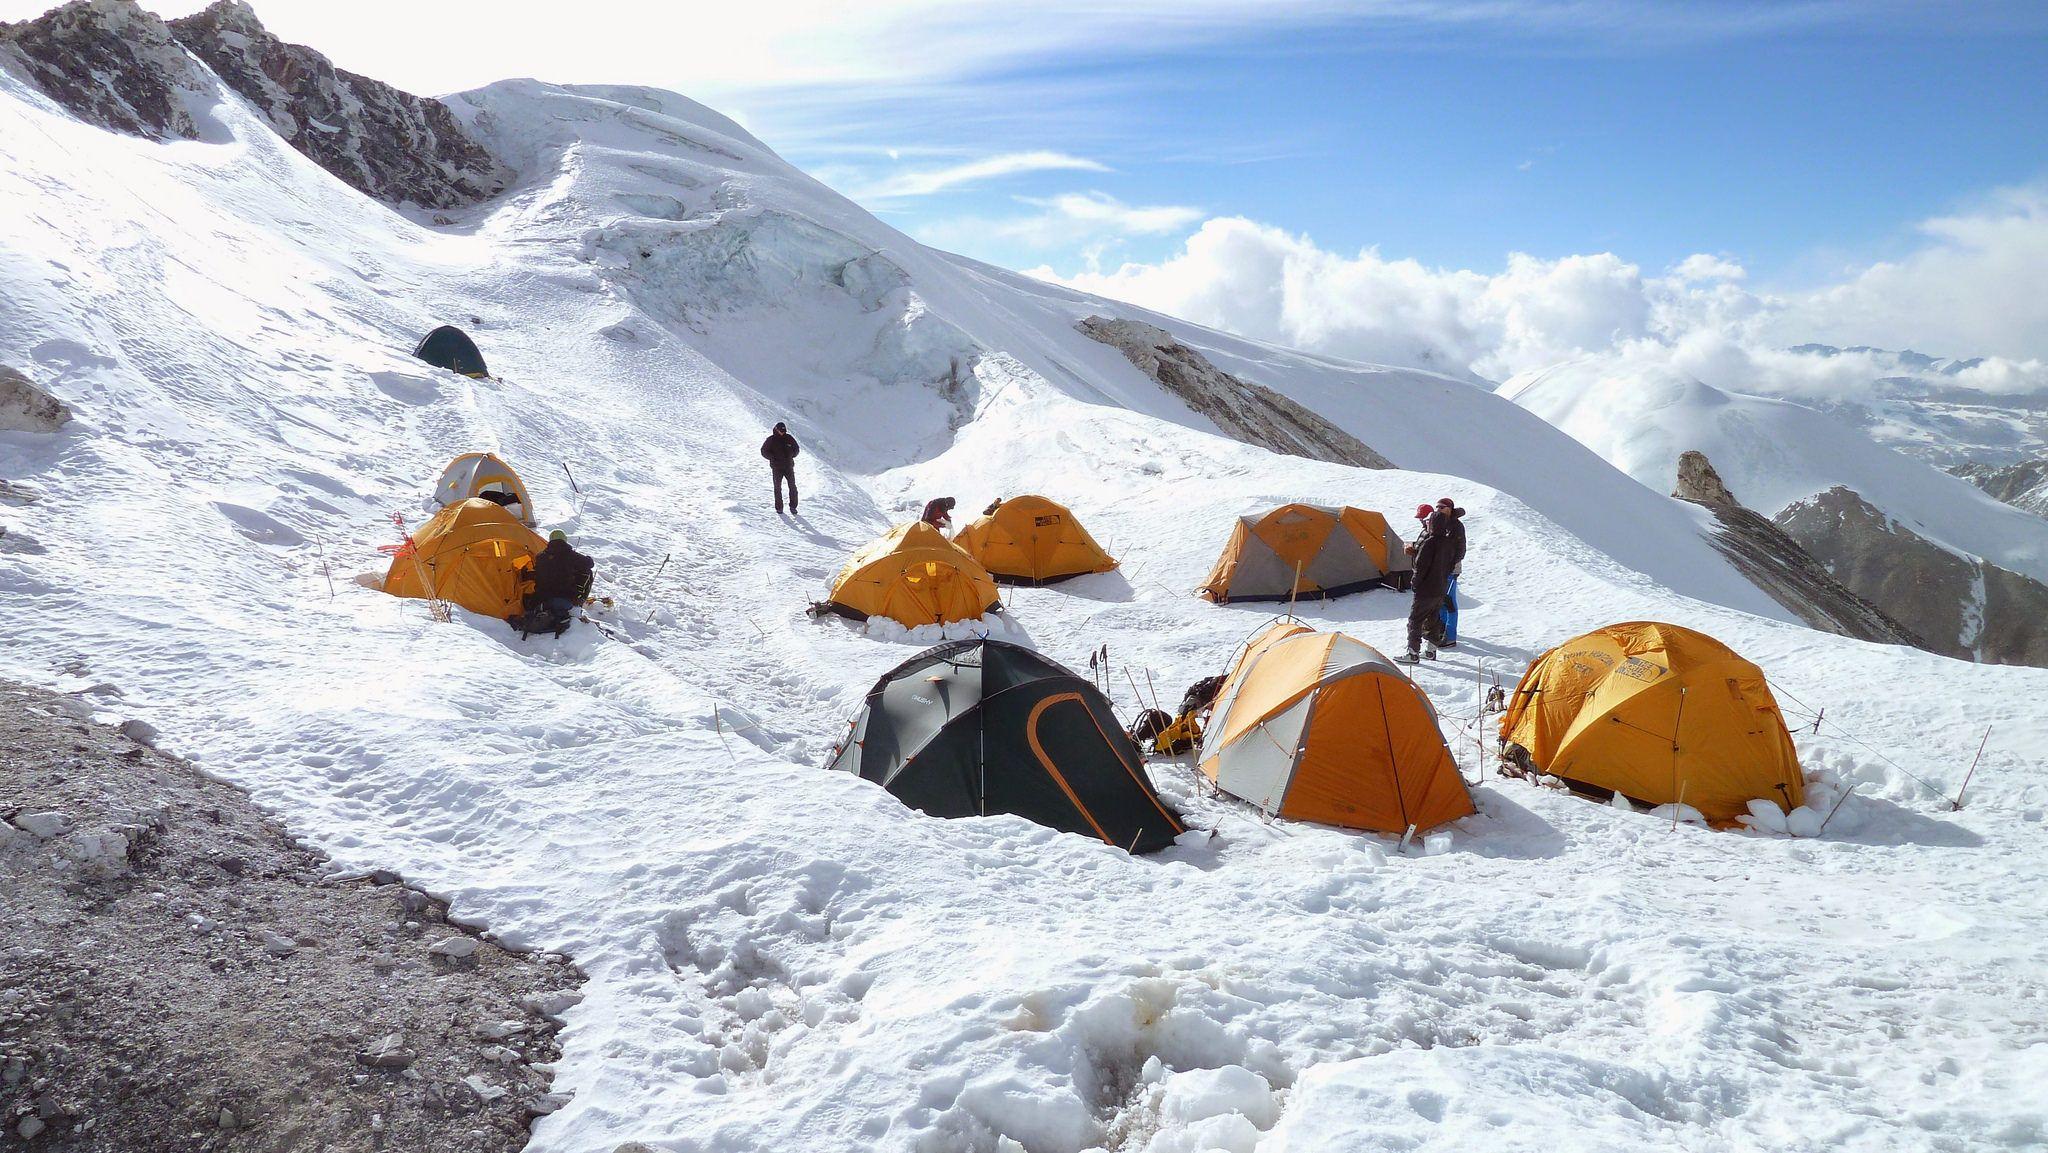 کمپ کوهنوردی در نپال